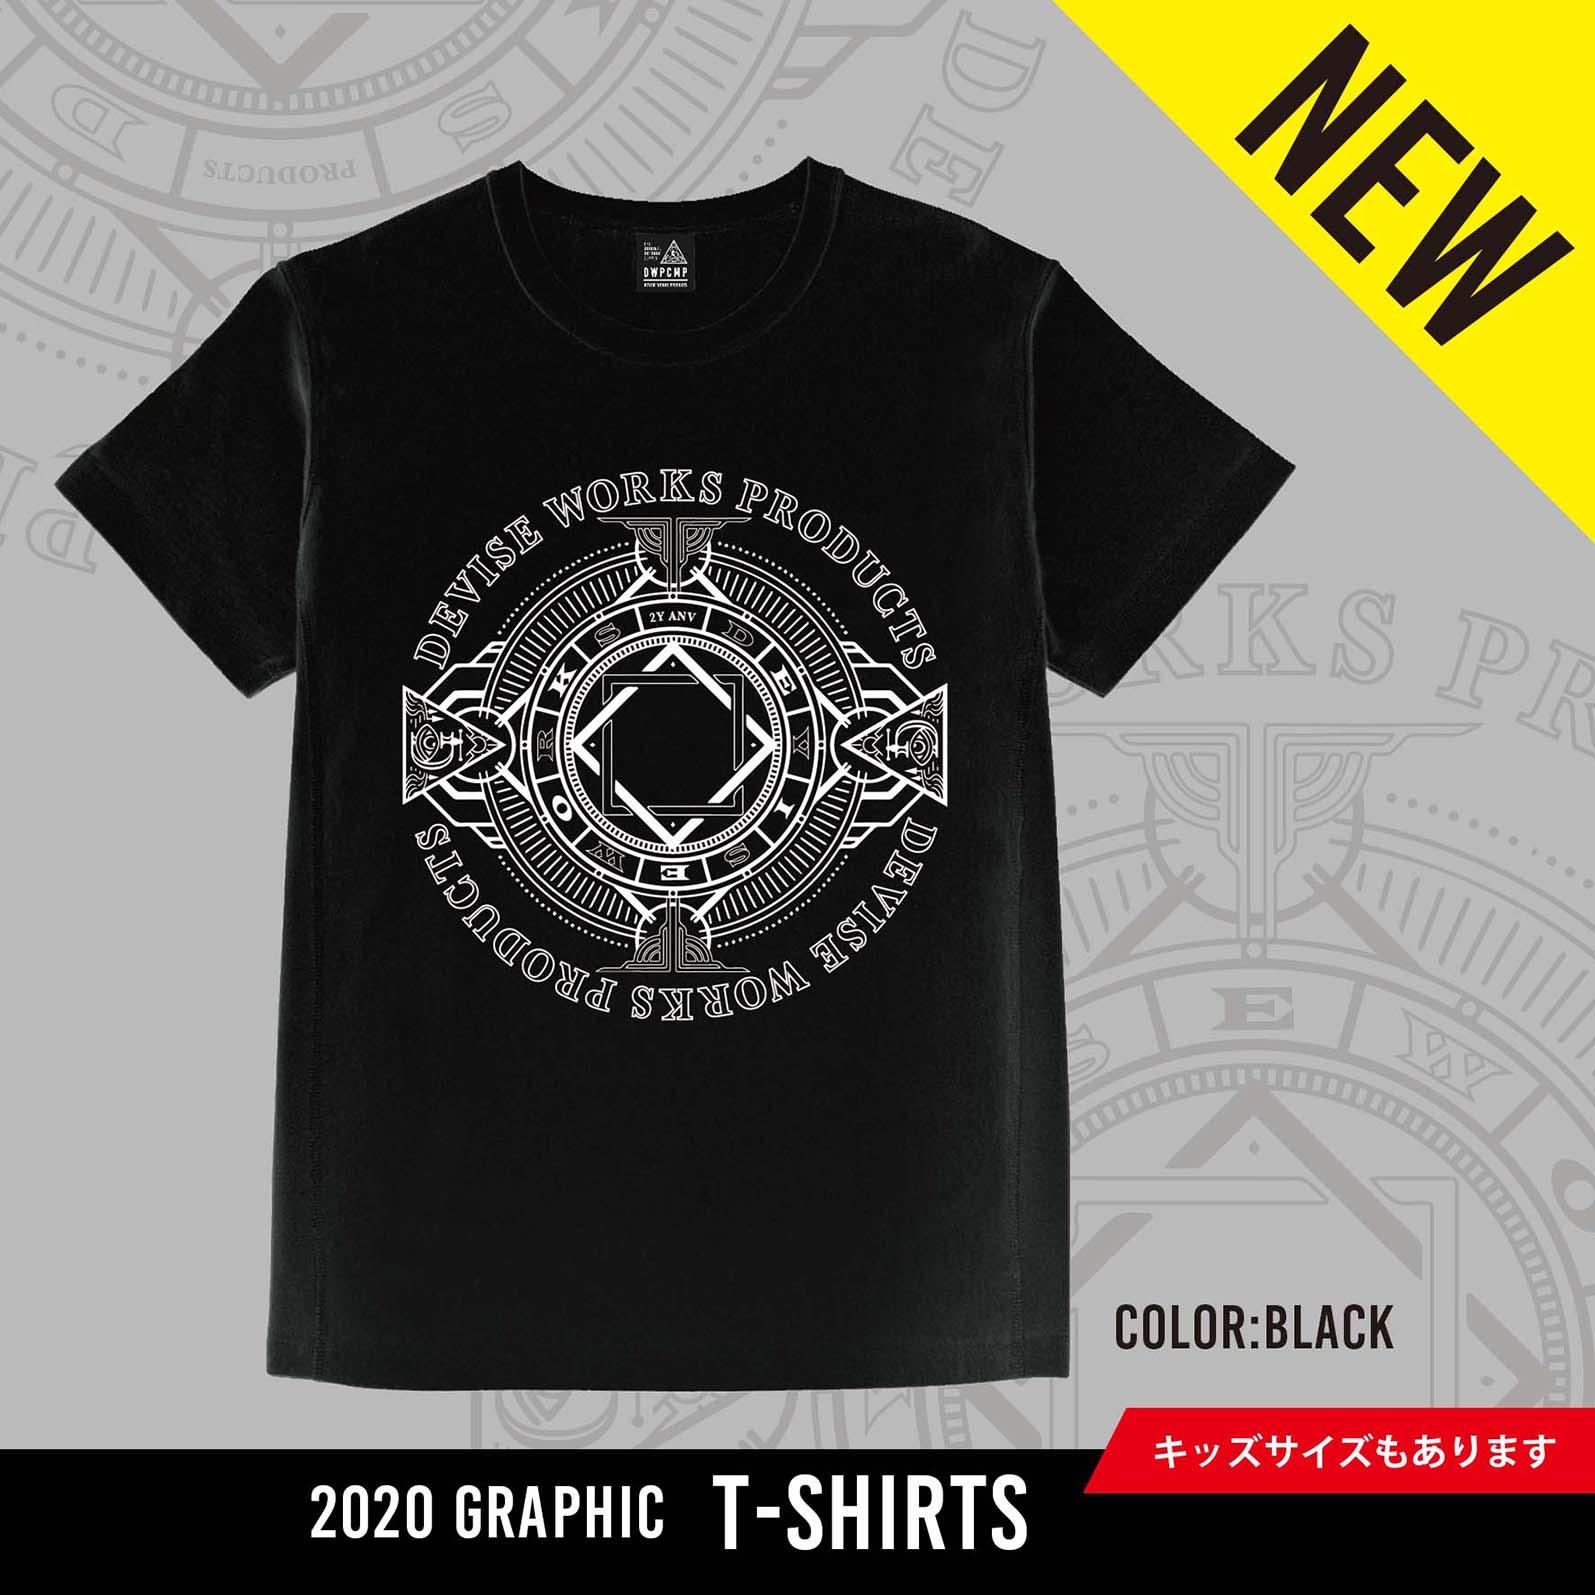 2020 GRAPHIC T-SHIRTS [大人用] ブラック